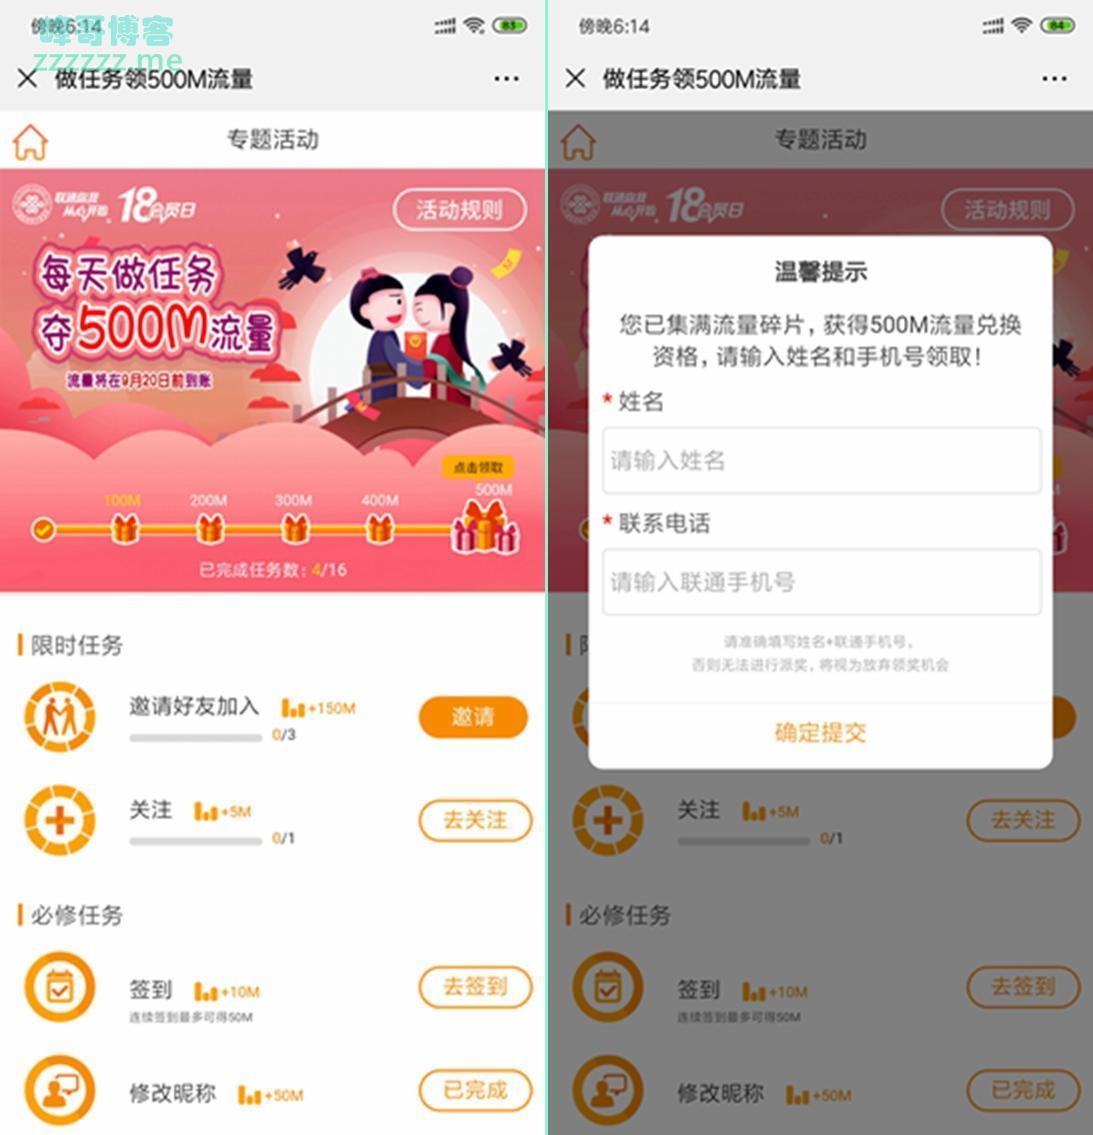 中国联通客户俱乐部做任务领流量Bug 直接领取500M流量